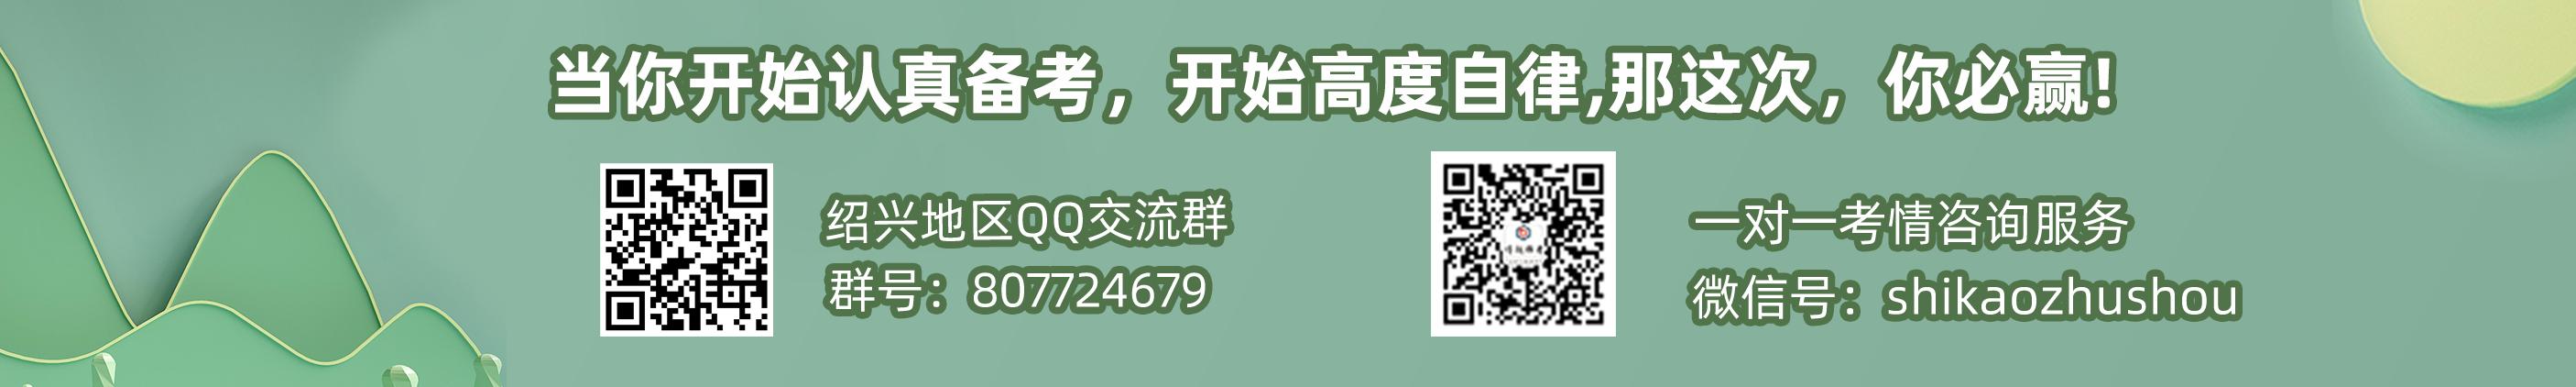 网页小banner绍兴.png